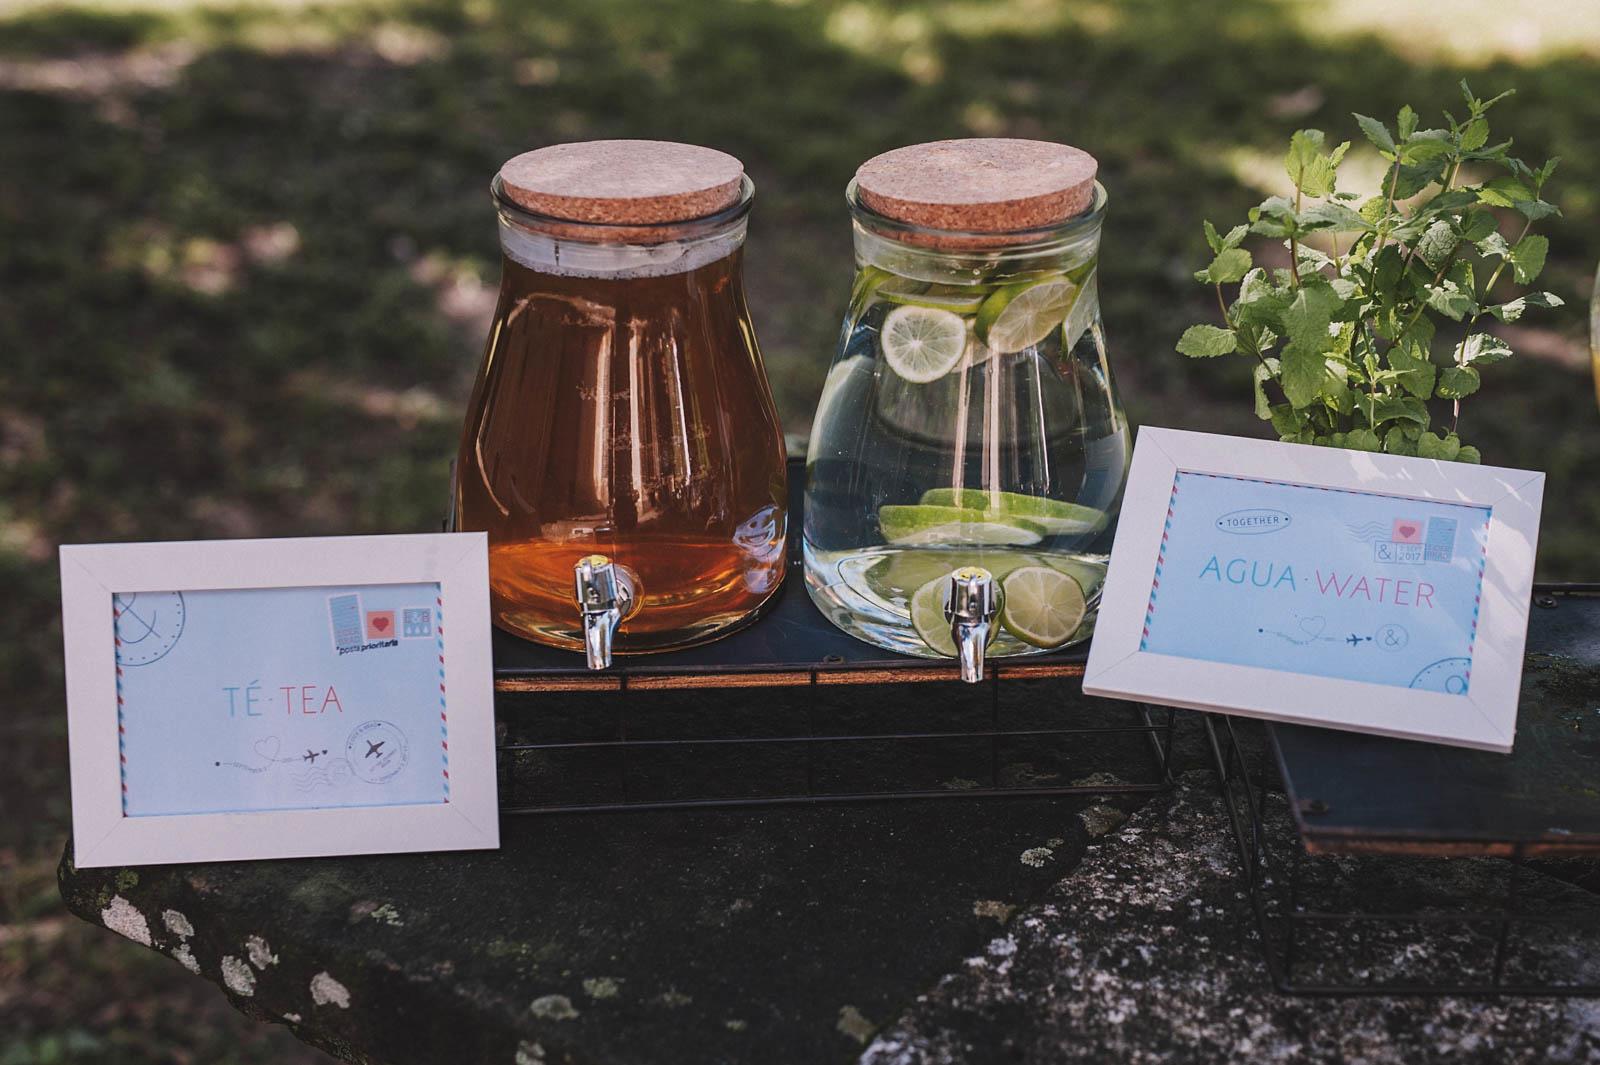 Puesto de limonada, té y agua en la boda de E&B en Garai organizada por Conmemora Wedding Planner